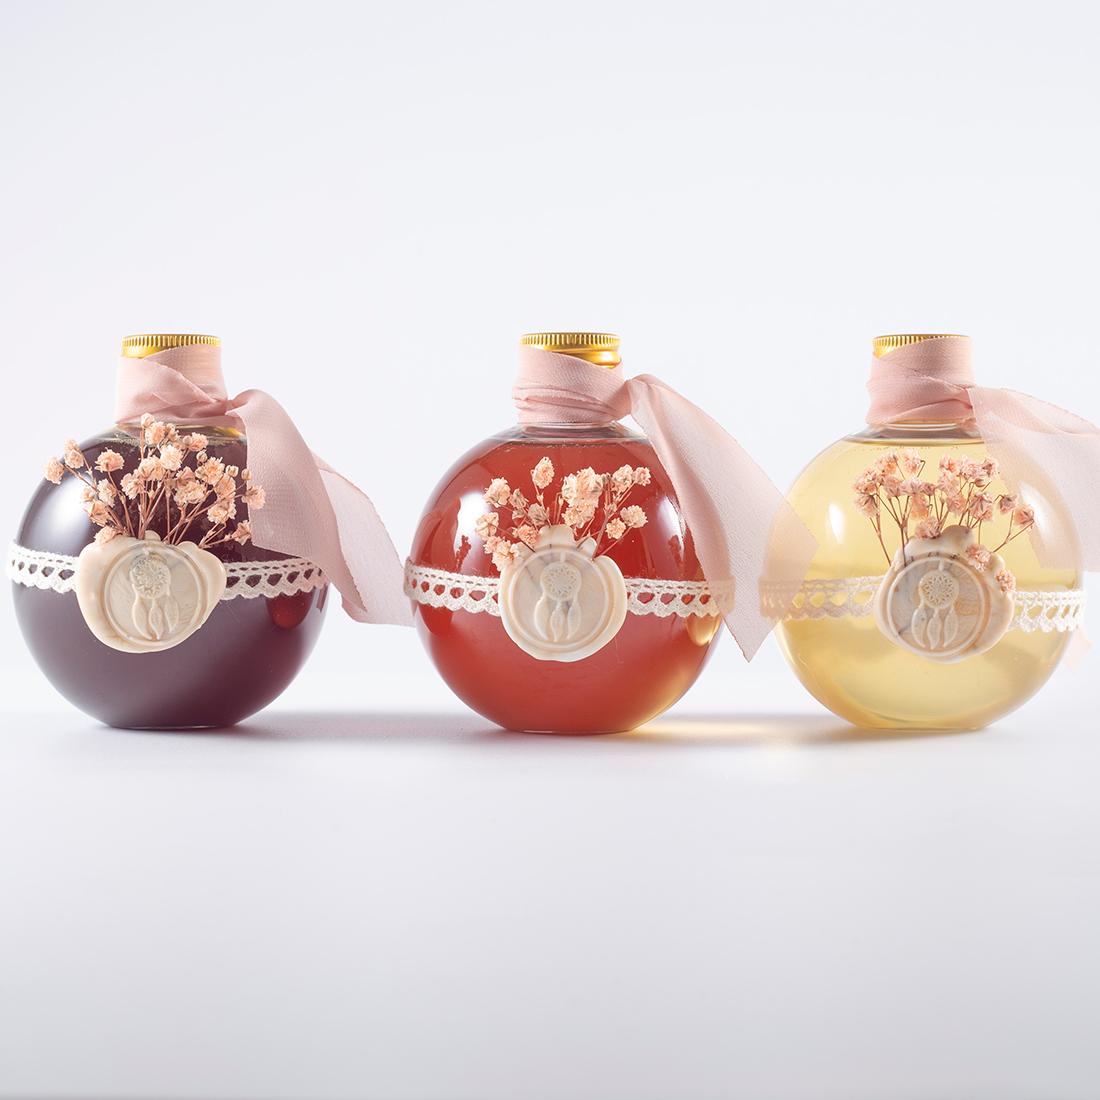 [엘림농원] 꿀3종(야생화꿀, 아카시아꿀, 밤꿀) 350g 택1 (더치볼)